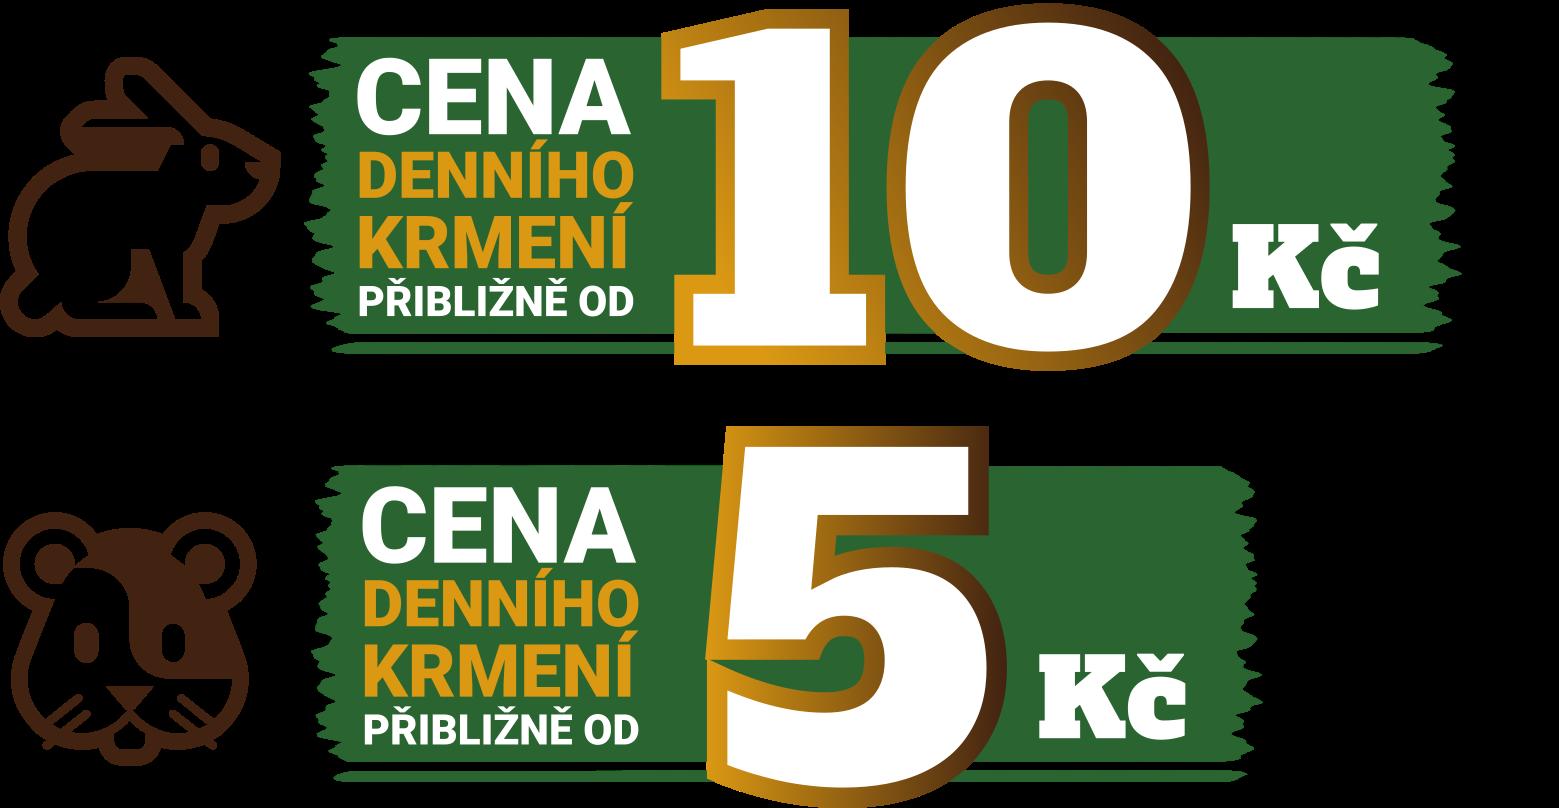 cena-seno-denni-davka-2-kg-otava